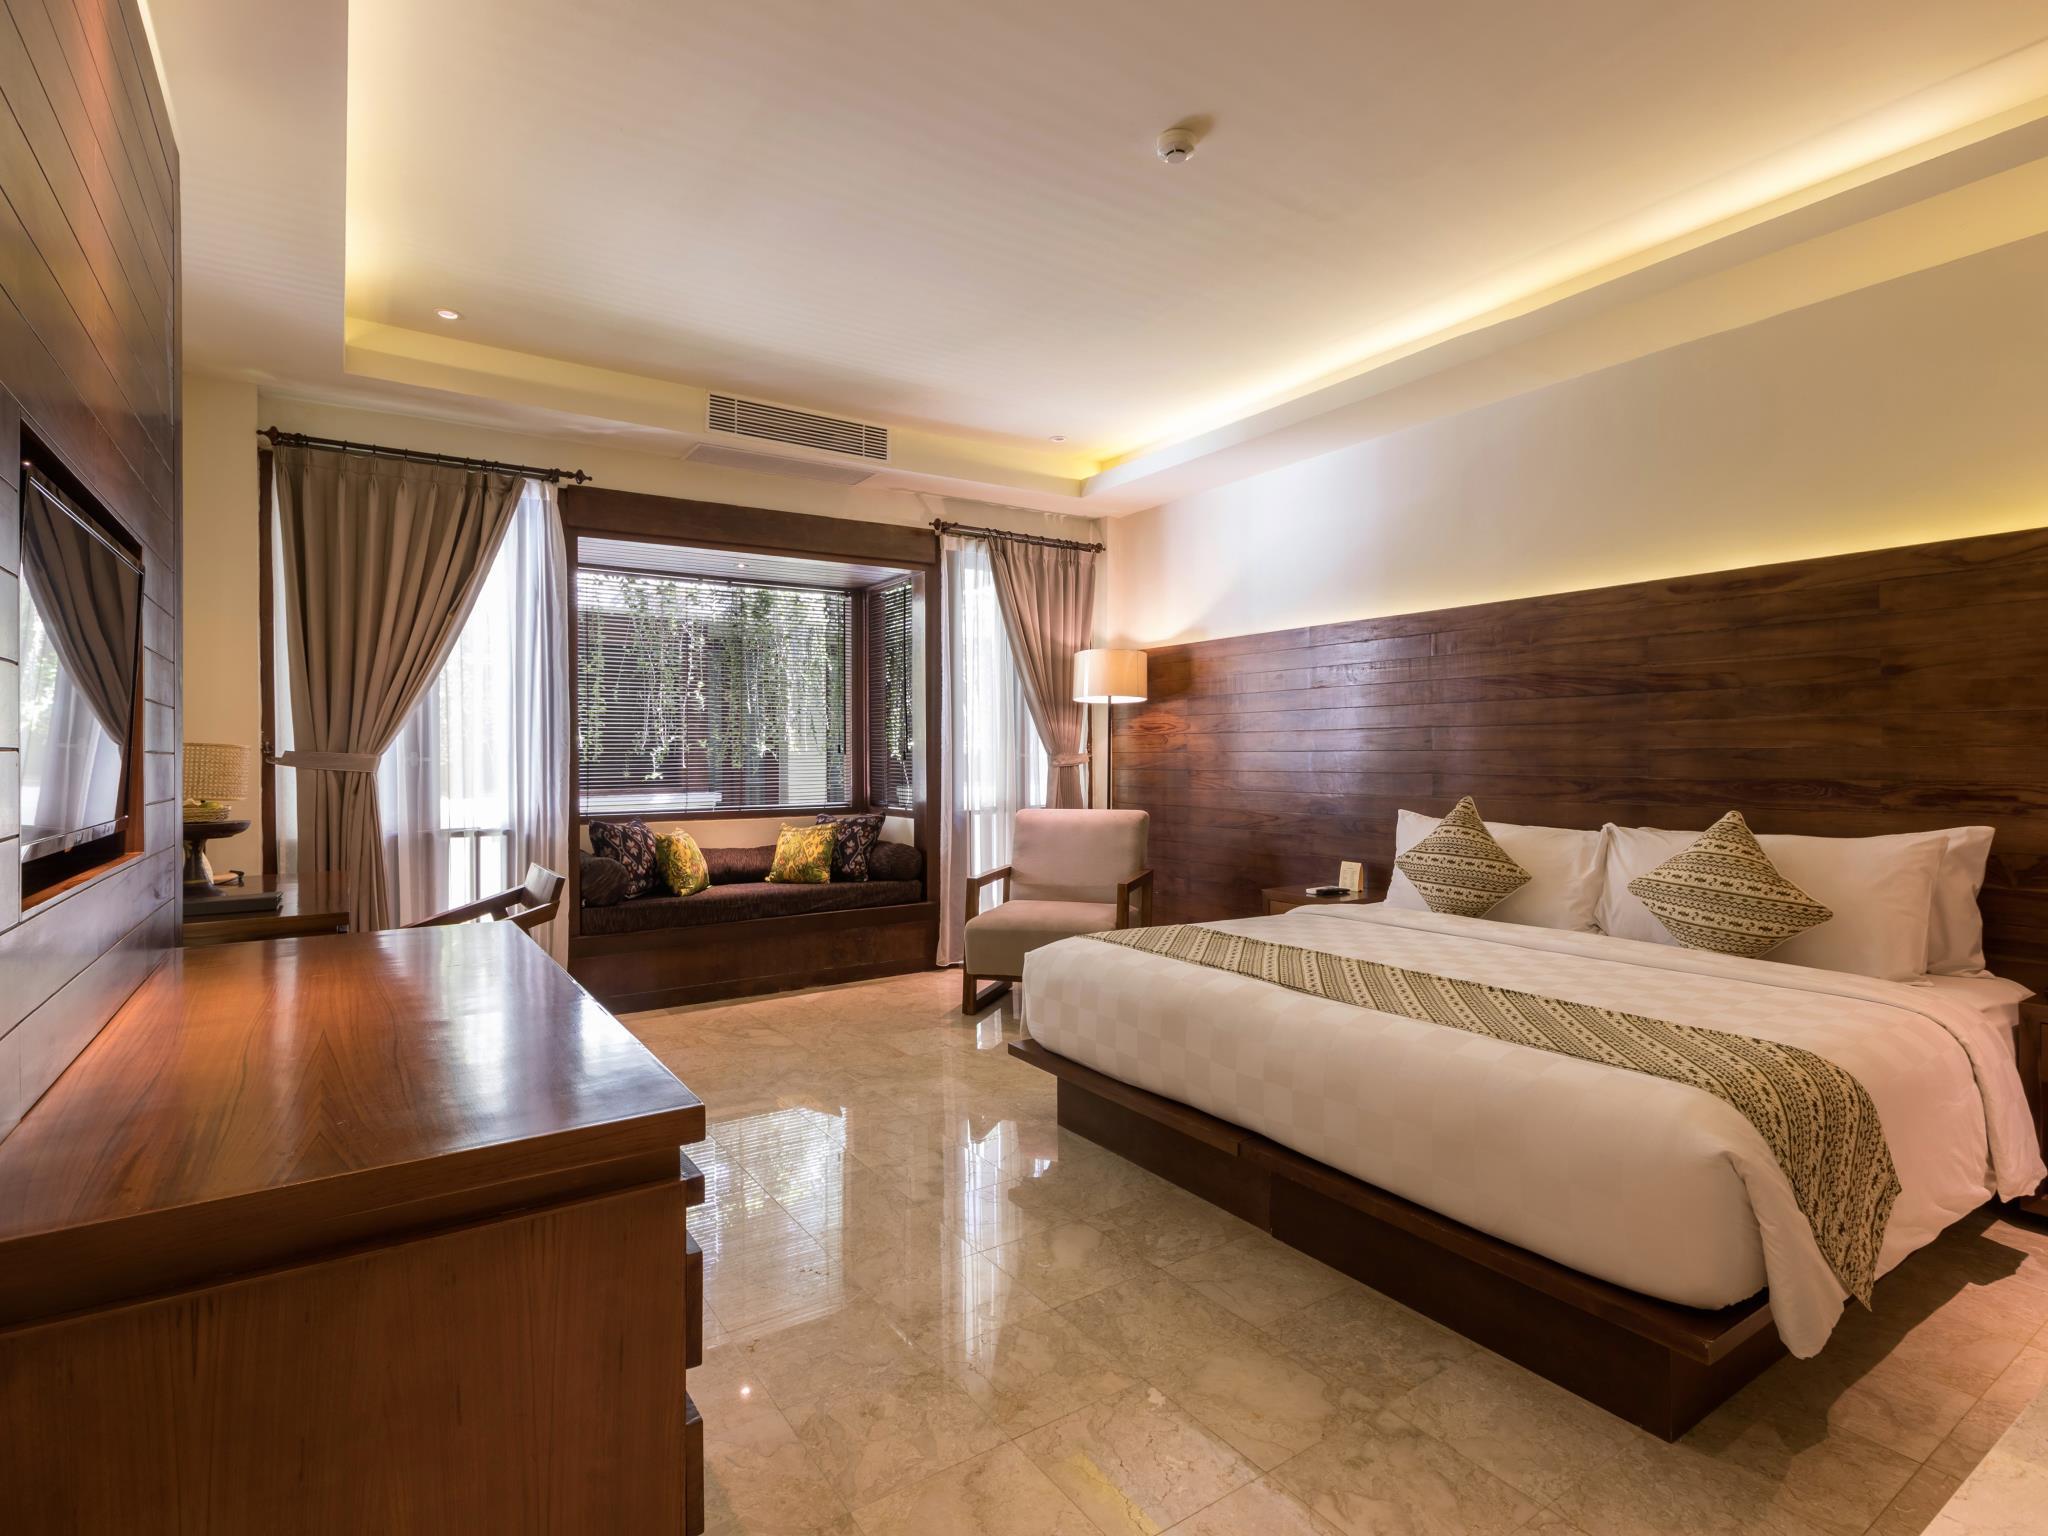 The Ubud Village Hotel at Monkey Forest